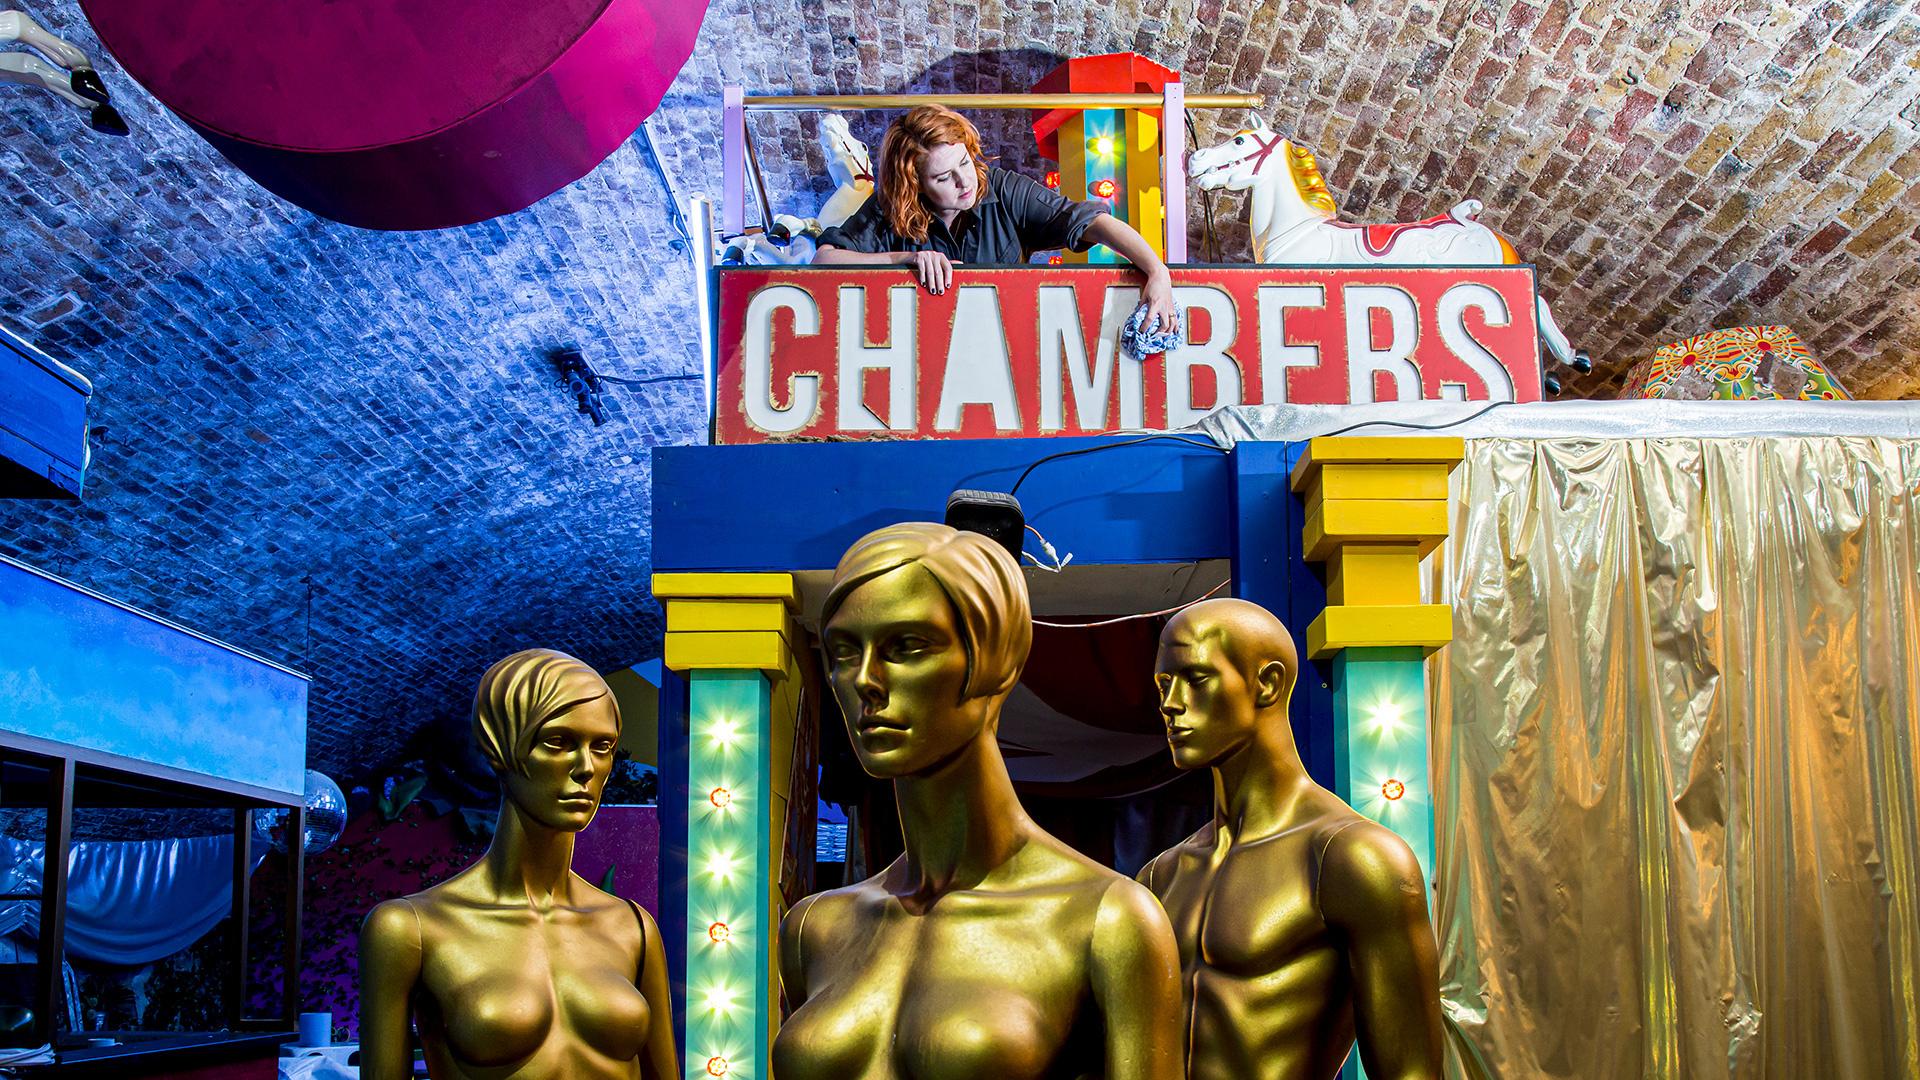 Gingerline's Chambers